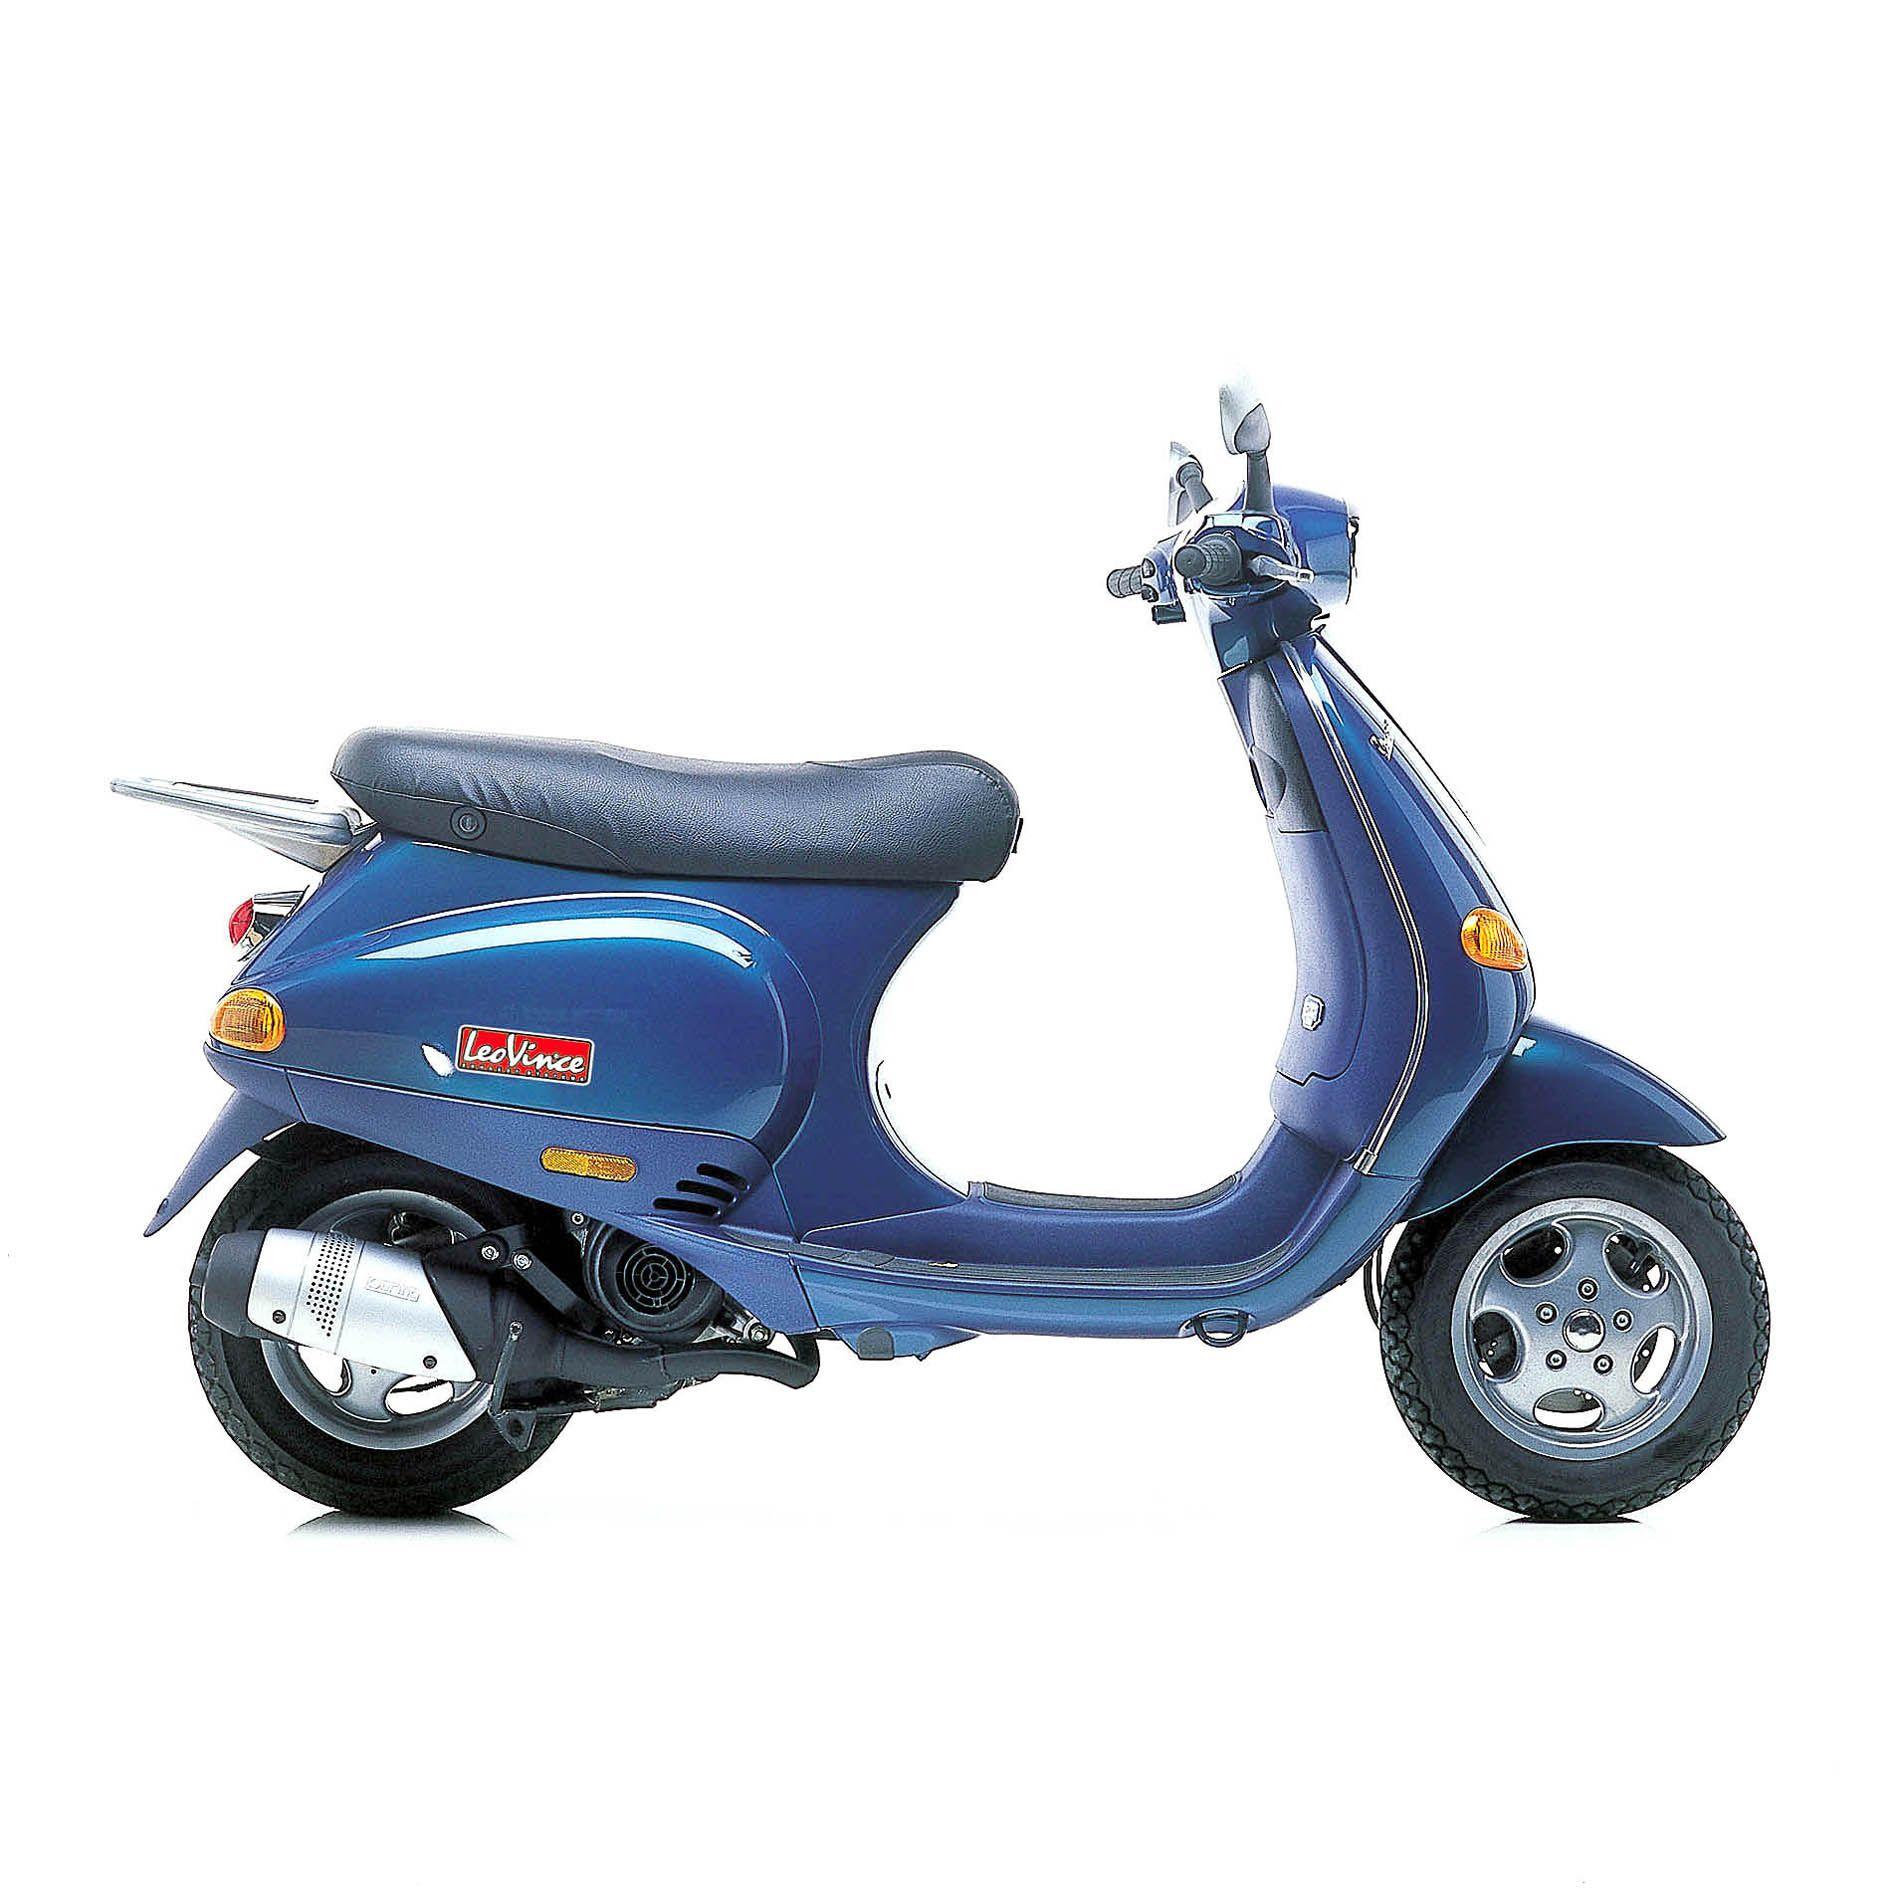 Pot d'échappement scooter Leovince Touring pour Piaggio Vespa 50 ET2